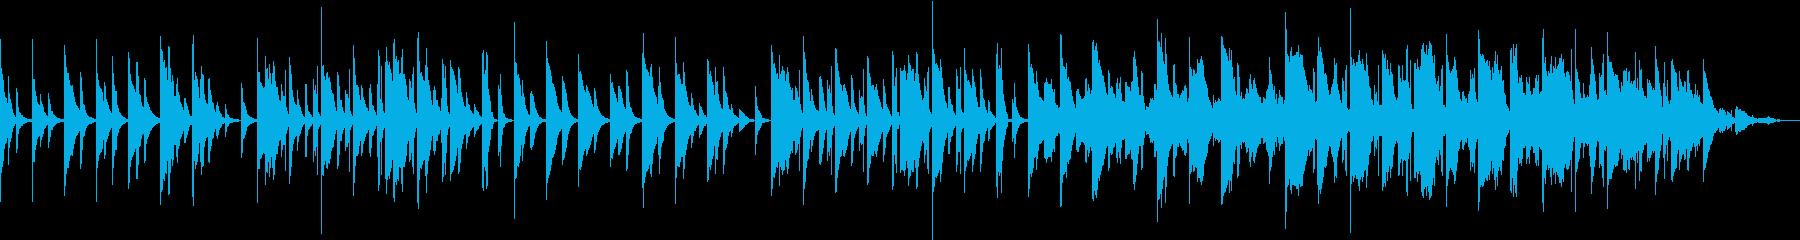 やさしい演奏とカスタネット、鈴が鳴るの再生済みの波形